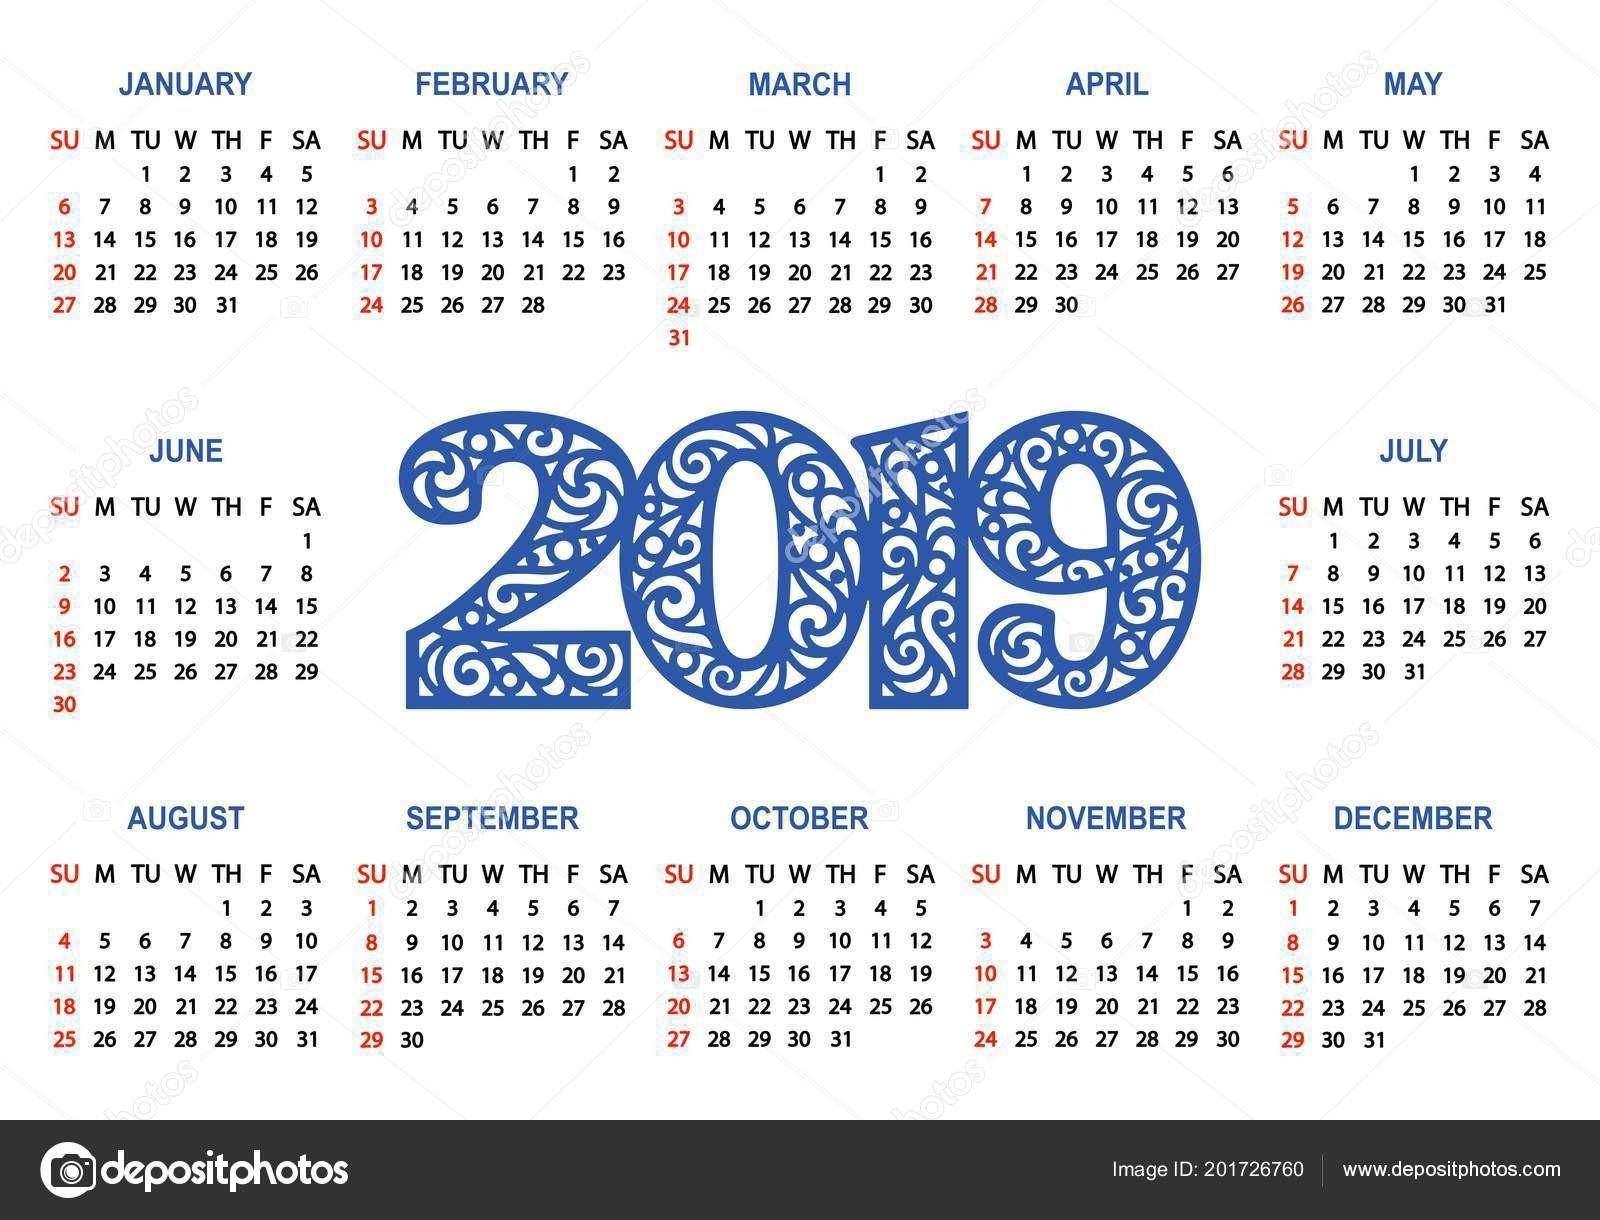 Calendario Laboral 2019 Navarra Más Recientemente Liberado Es Calendario 2019 Con Festivos Usa Of Calendario Laboral 2019 Navarra Mejores Y Más Novedosos Calendario De Menstruacion